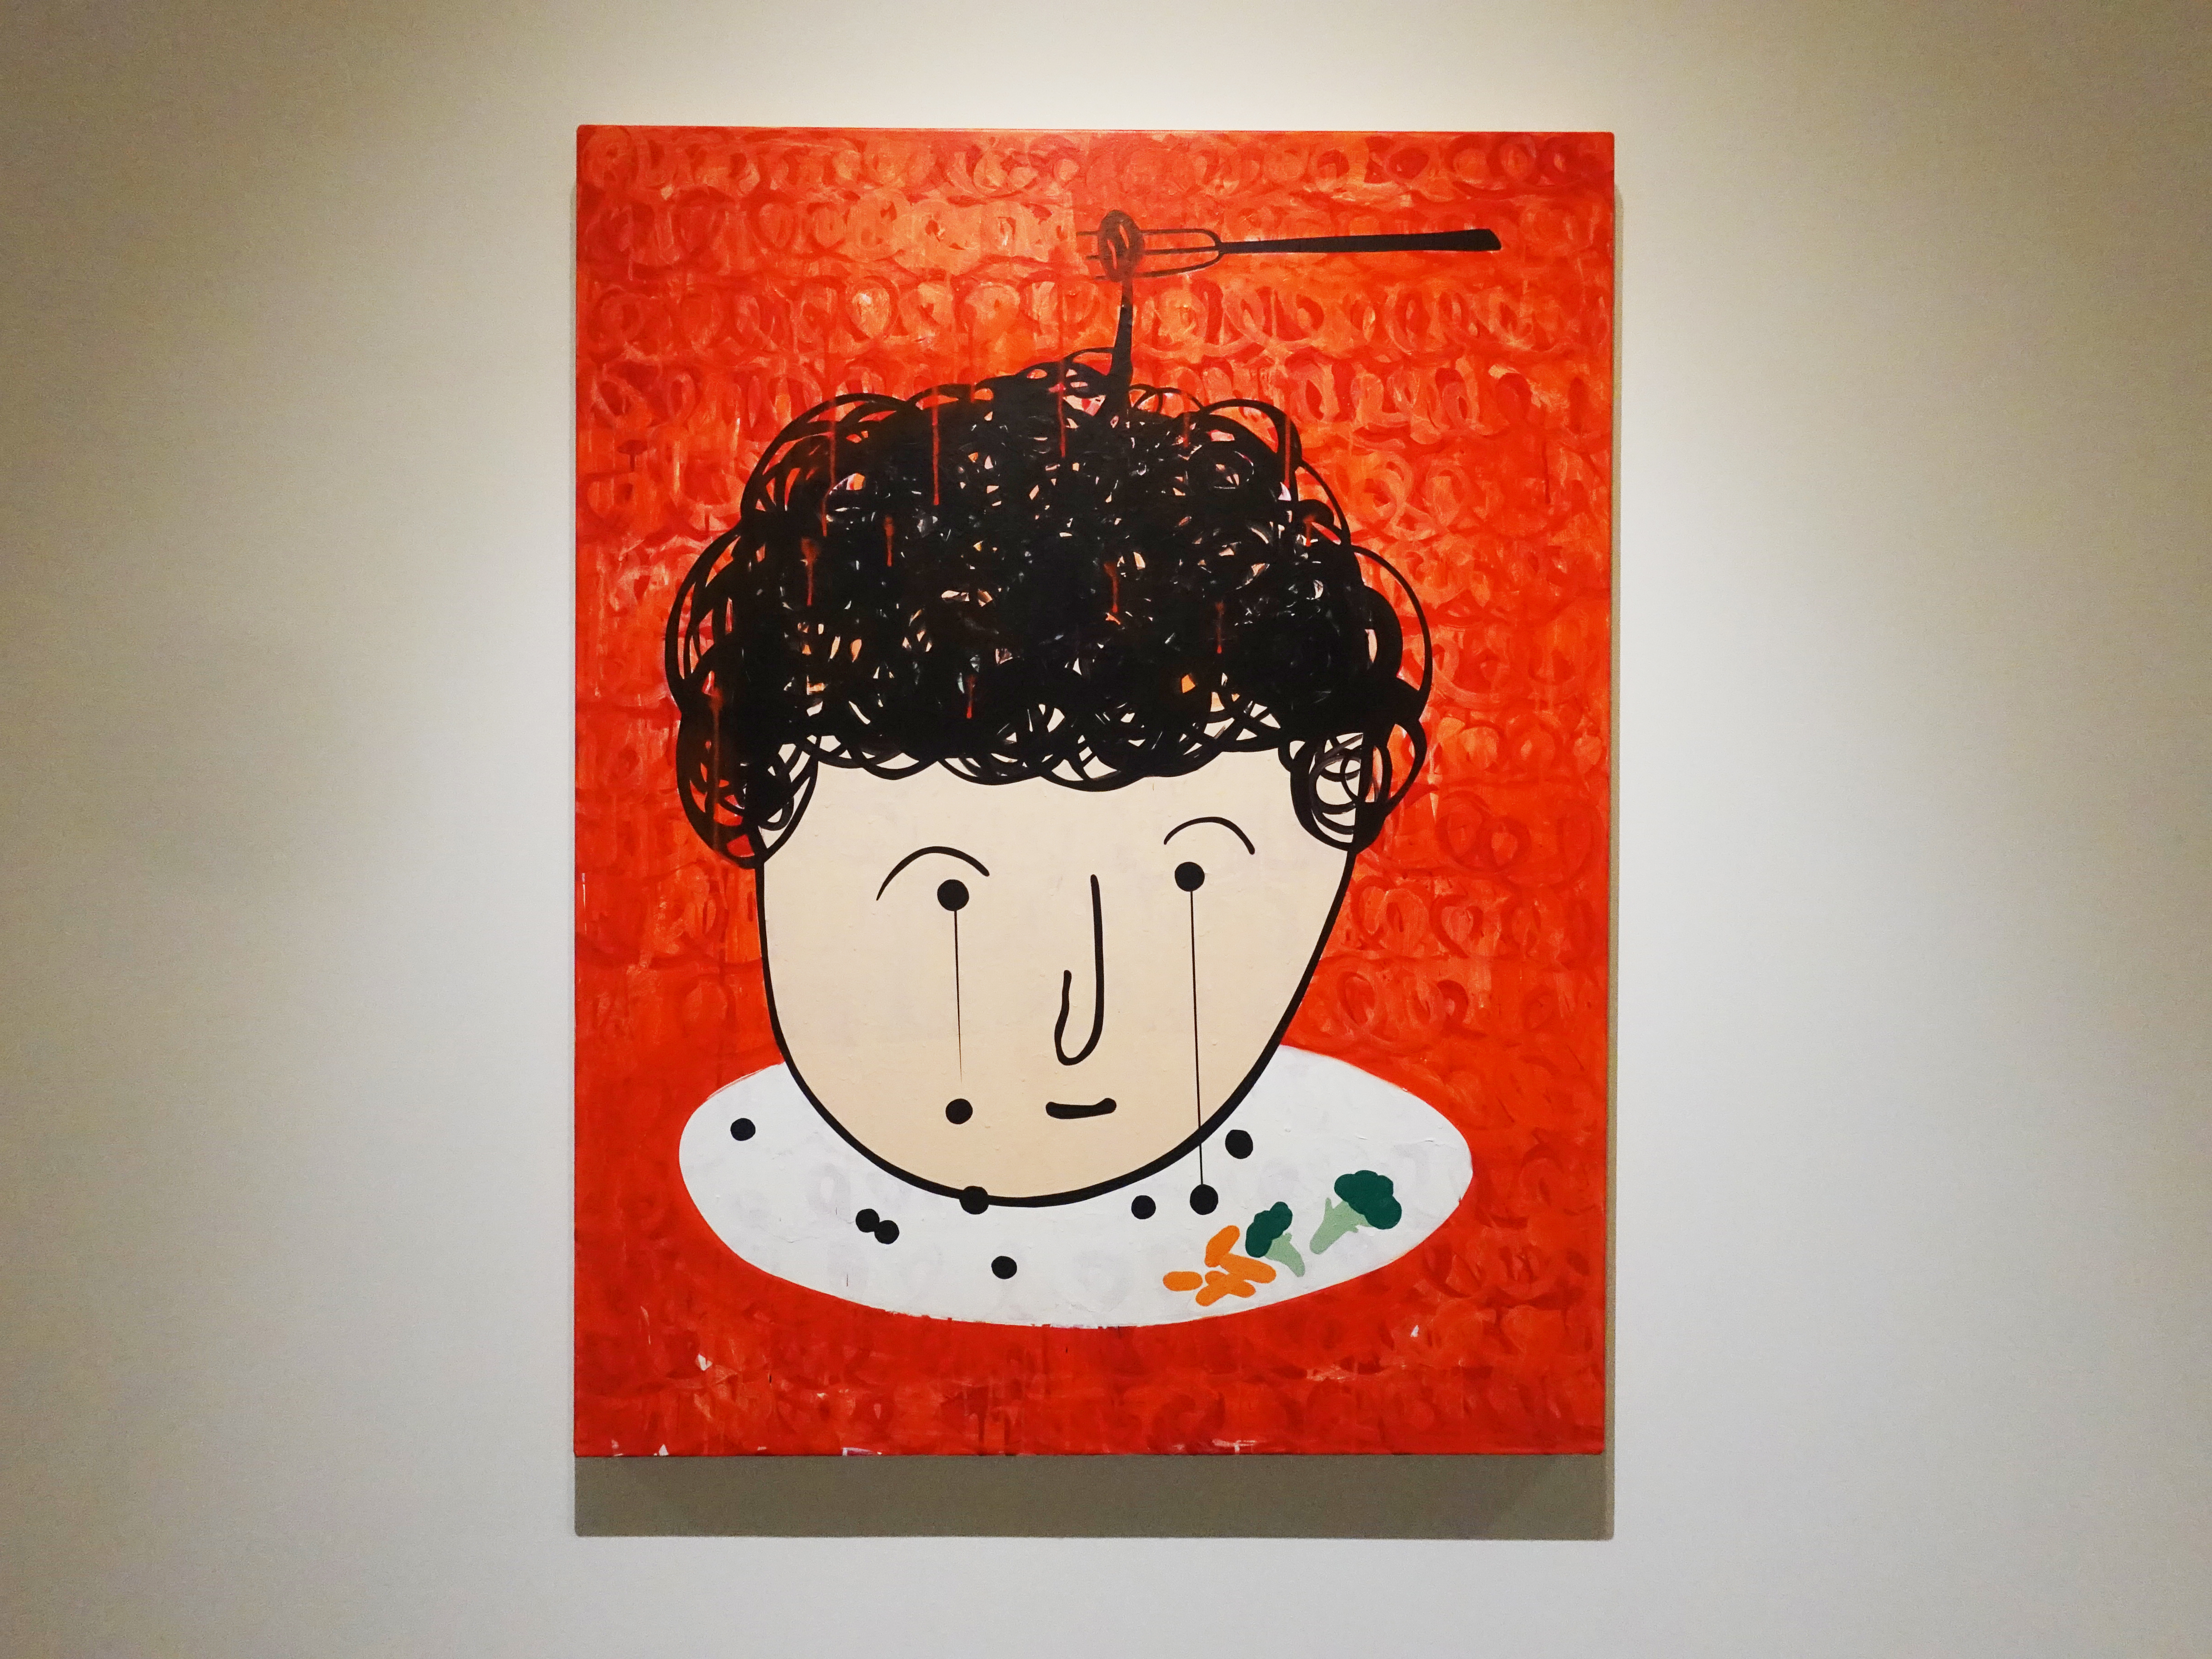 蕭筑方,《媽媽的珠淚》,17 x 91 cm,壓克力顏料、畫布,2019。